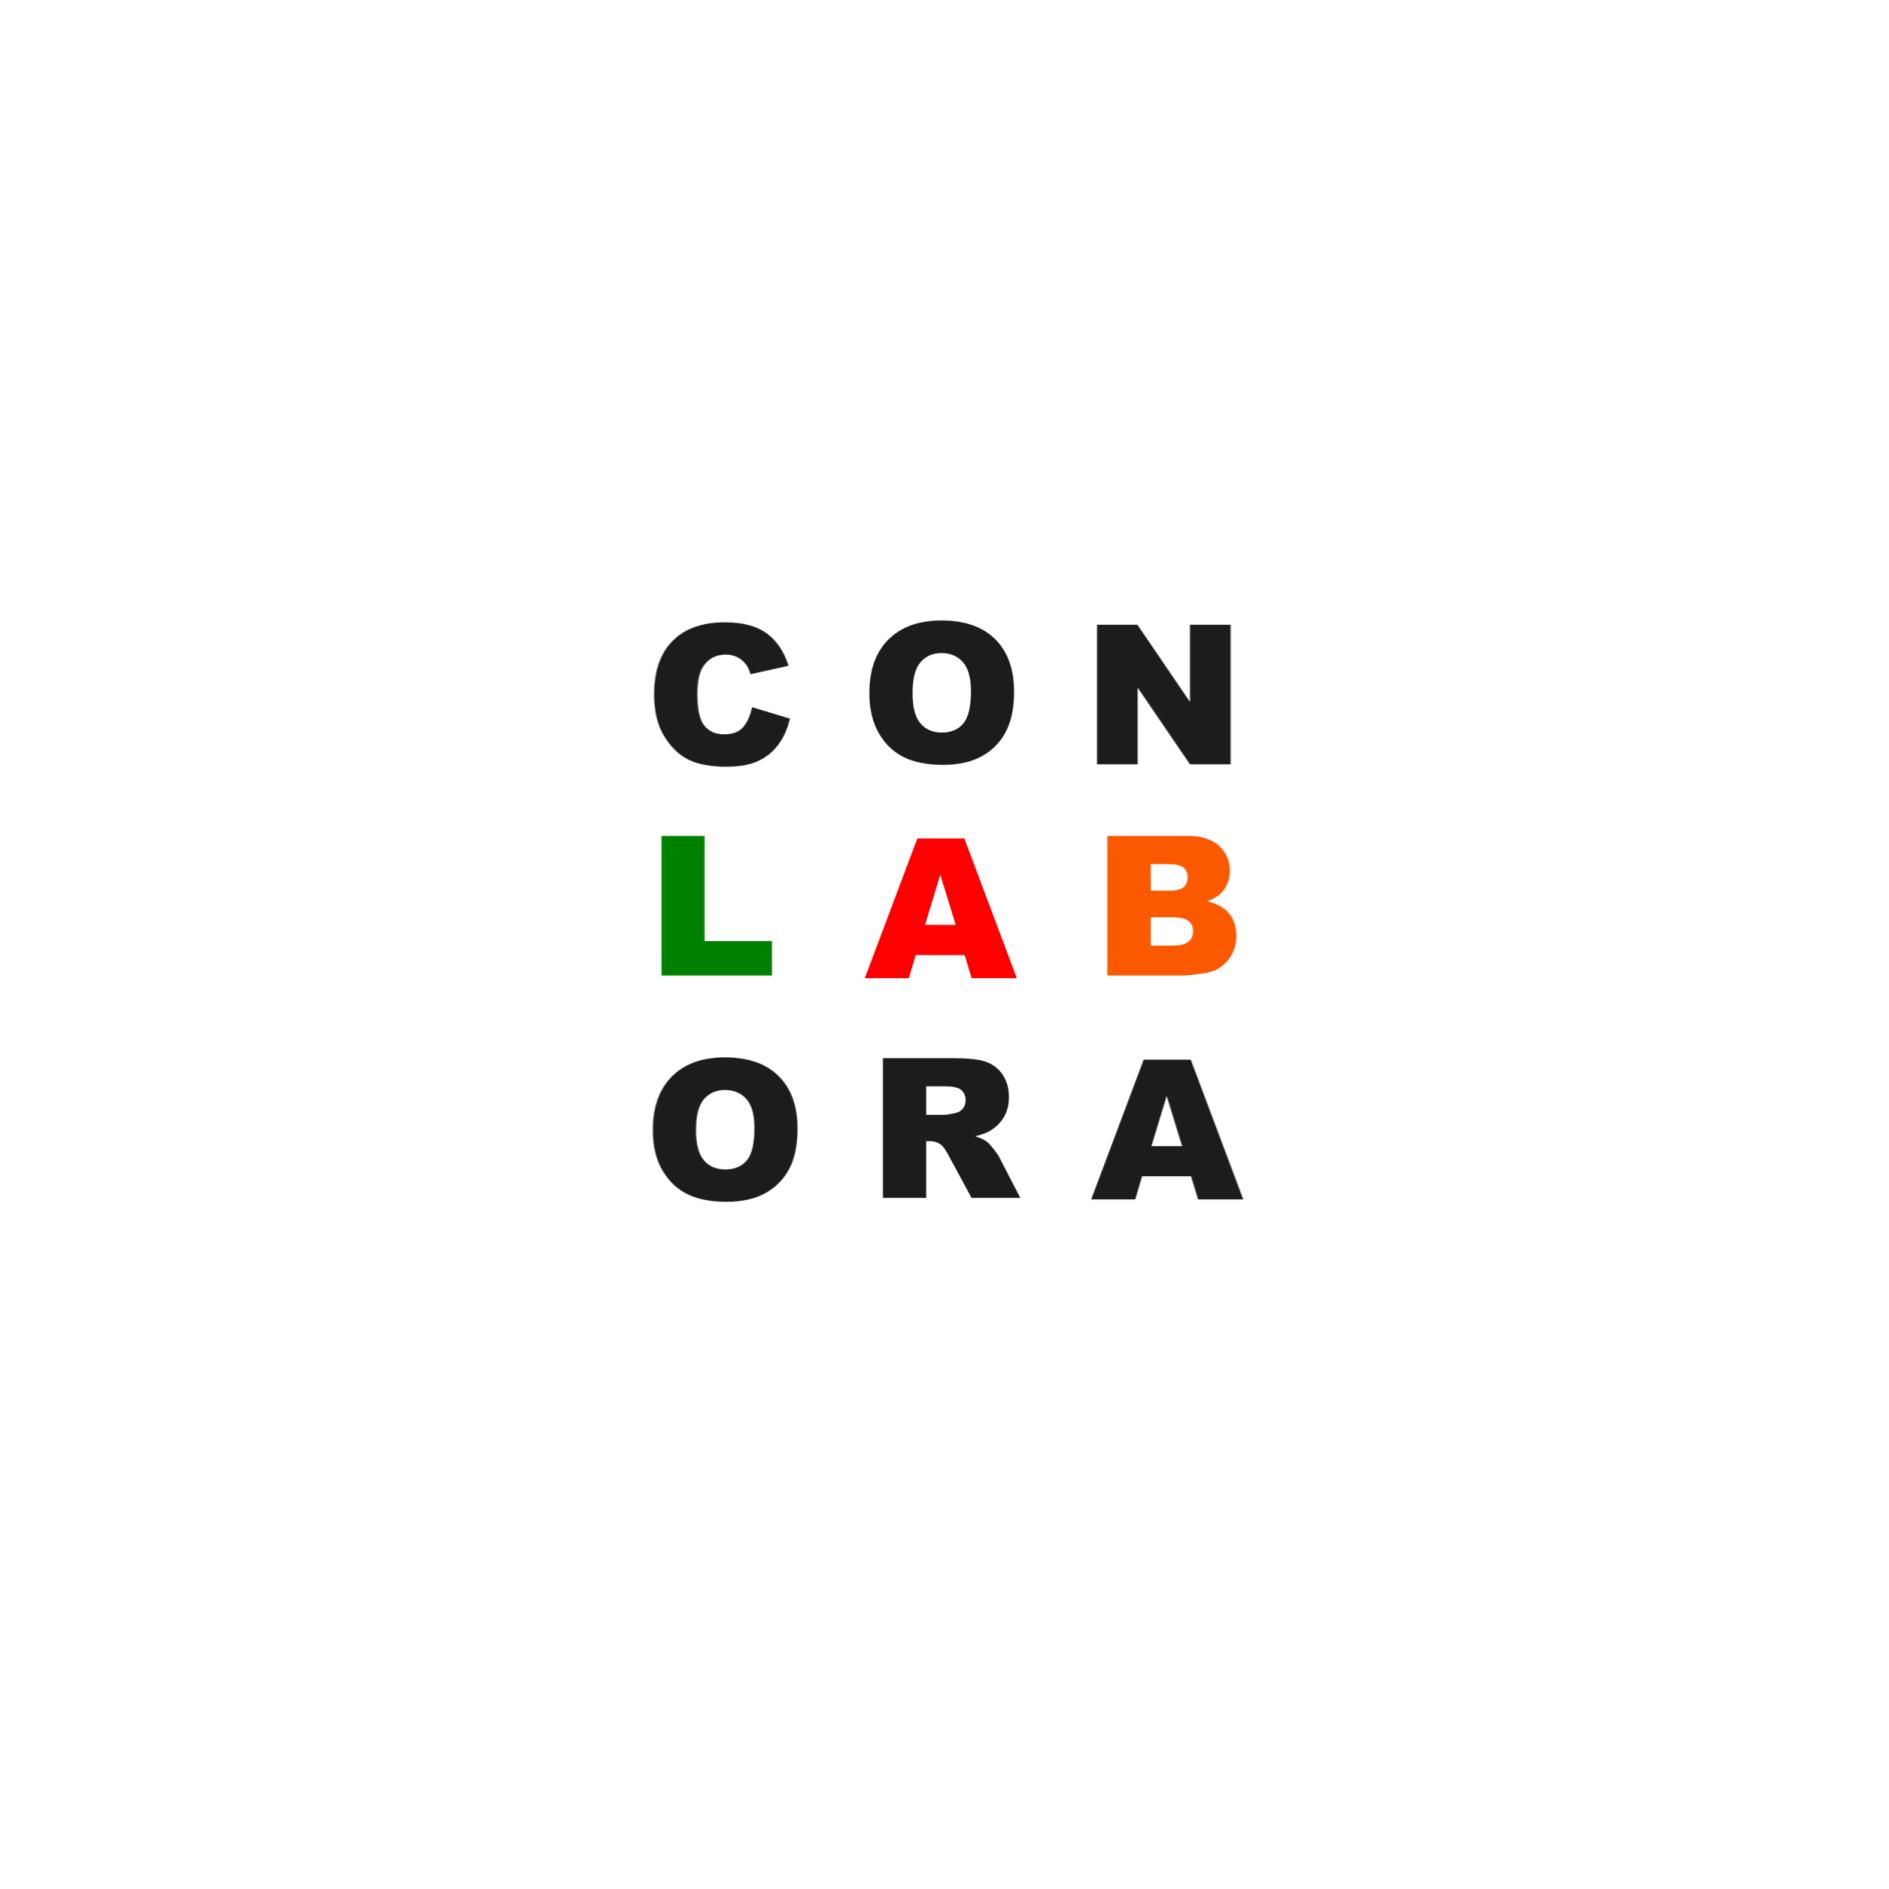 Conlabora